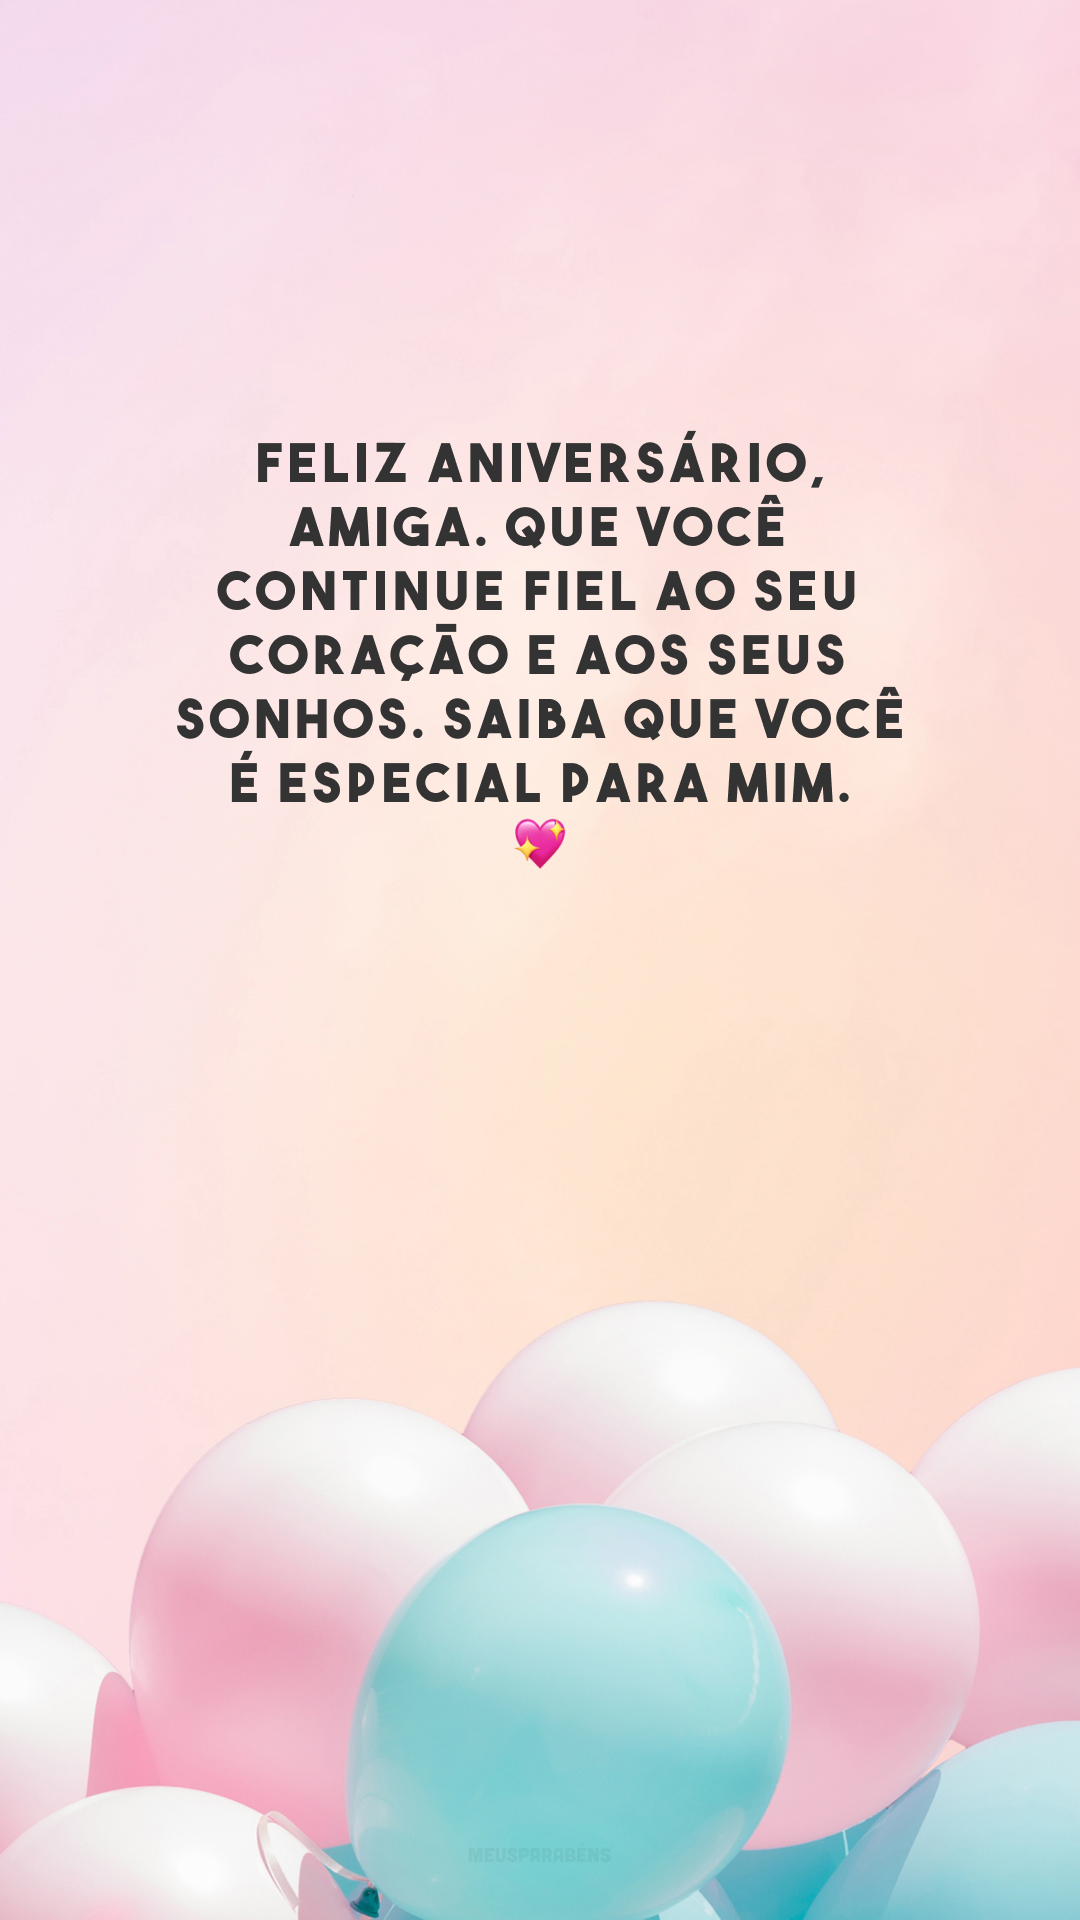 Feliz aniversário, amiga. Que você continue fiel ao seu coração e aos seus sonhos. Saiba que você é especial para mim. 💖